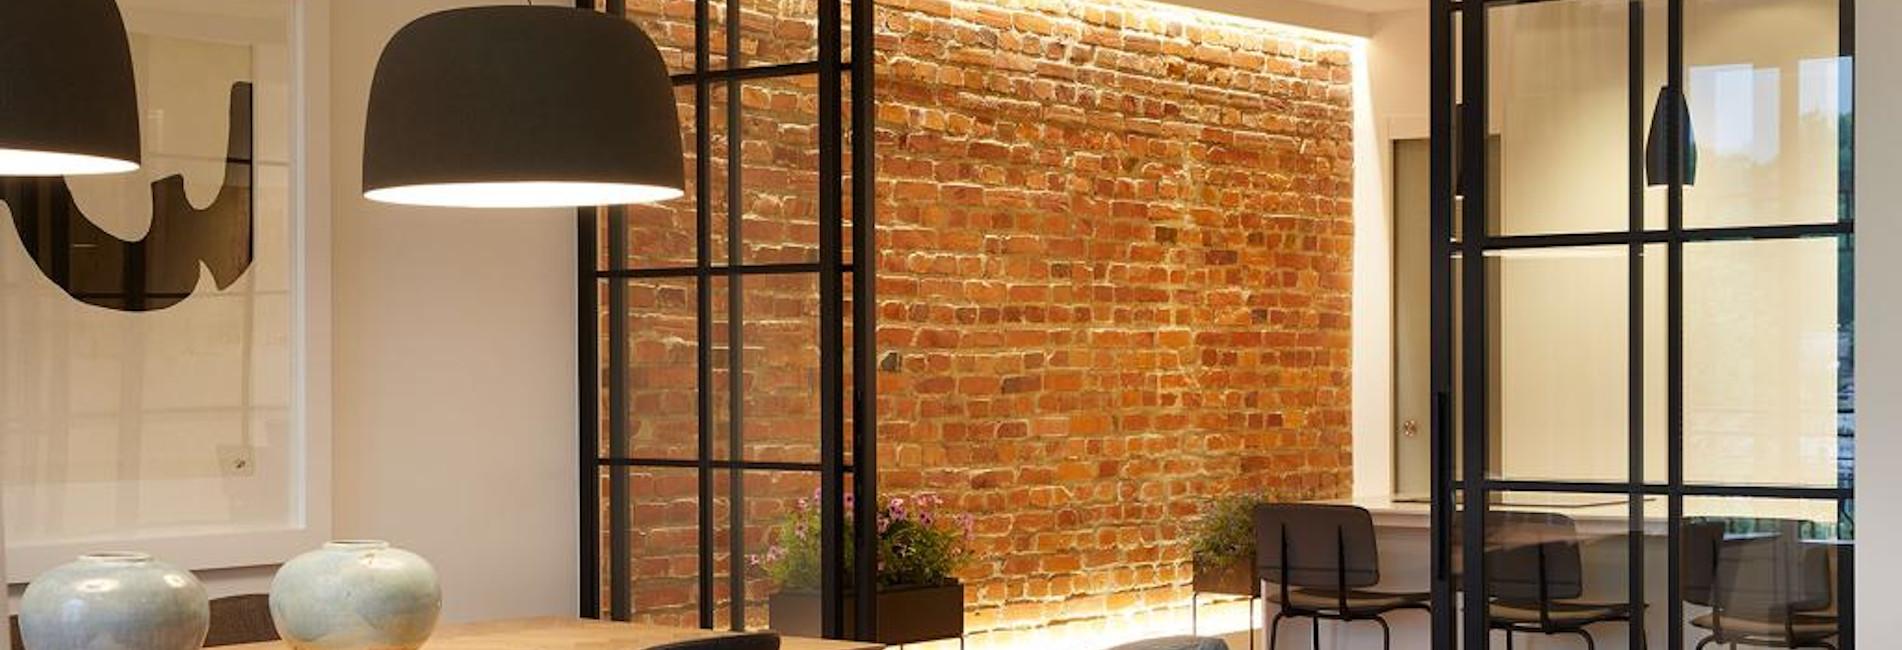 Puertas correderas realizadas en hierro y cristal para cerramiento de cocina